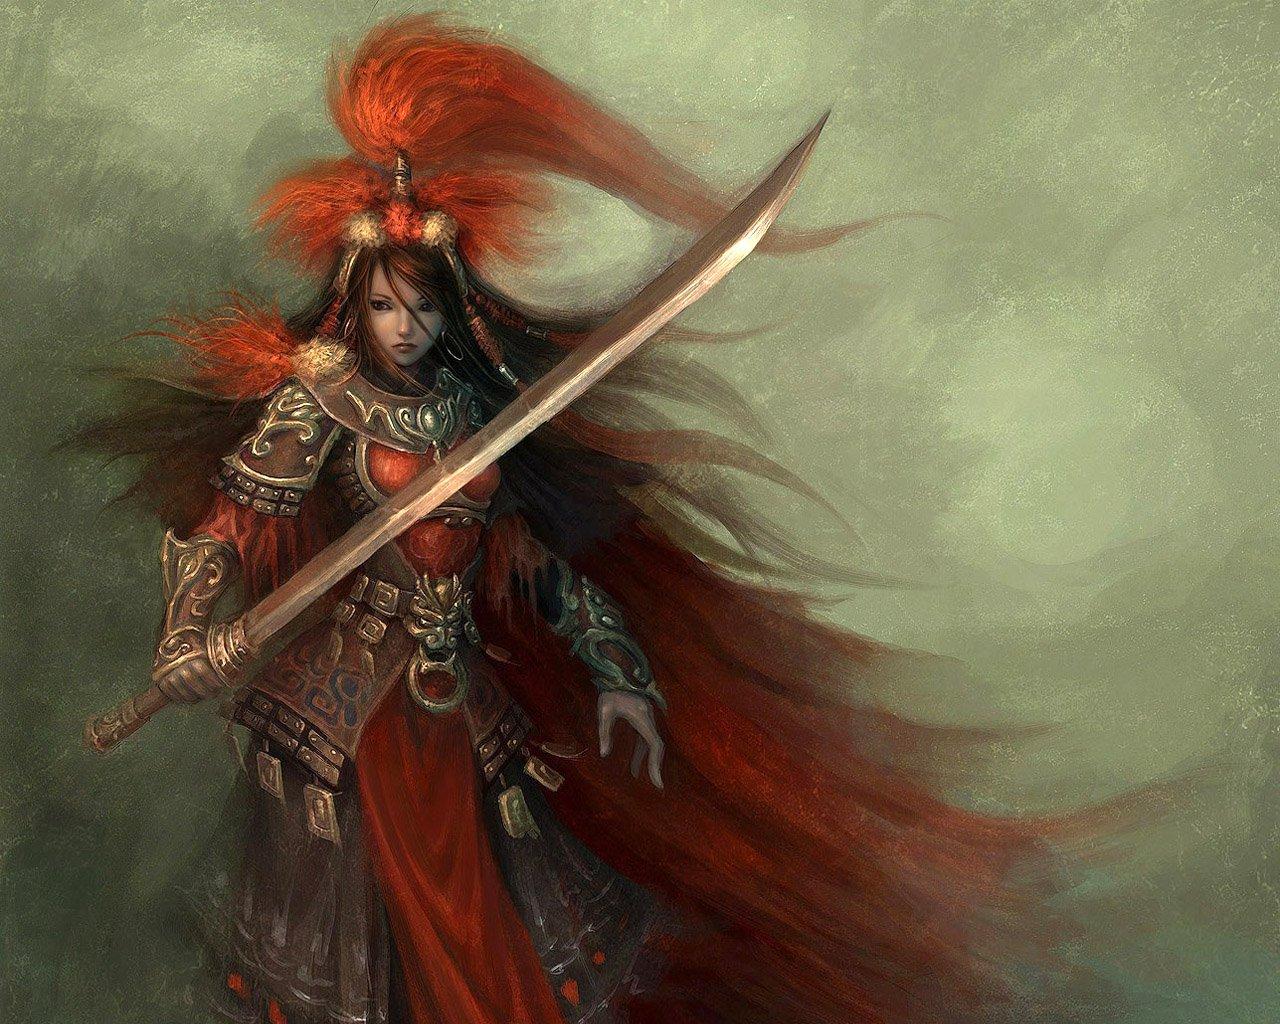 samurai female Samurai 1280x1024